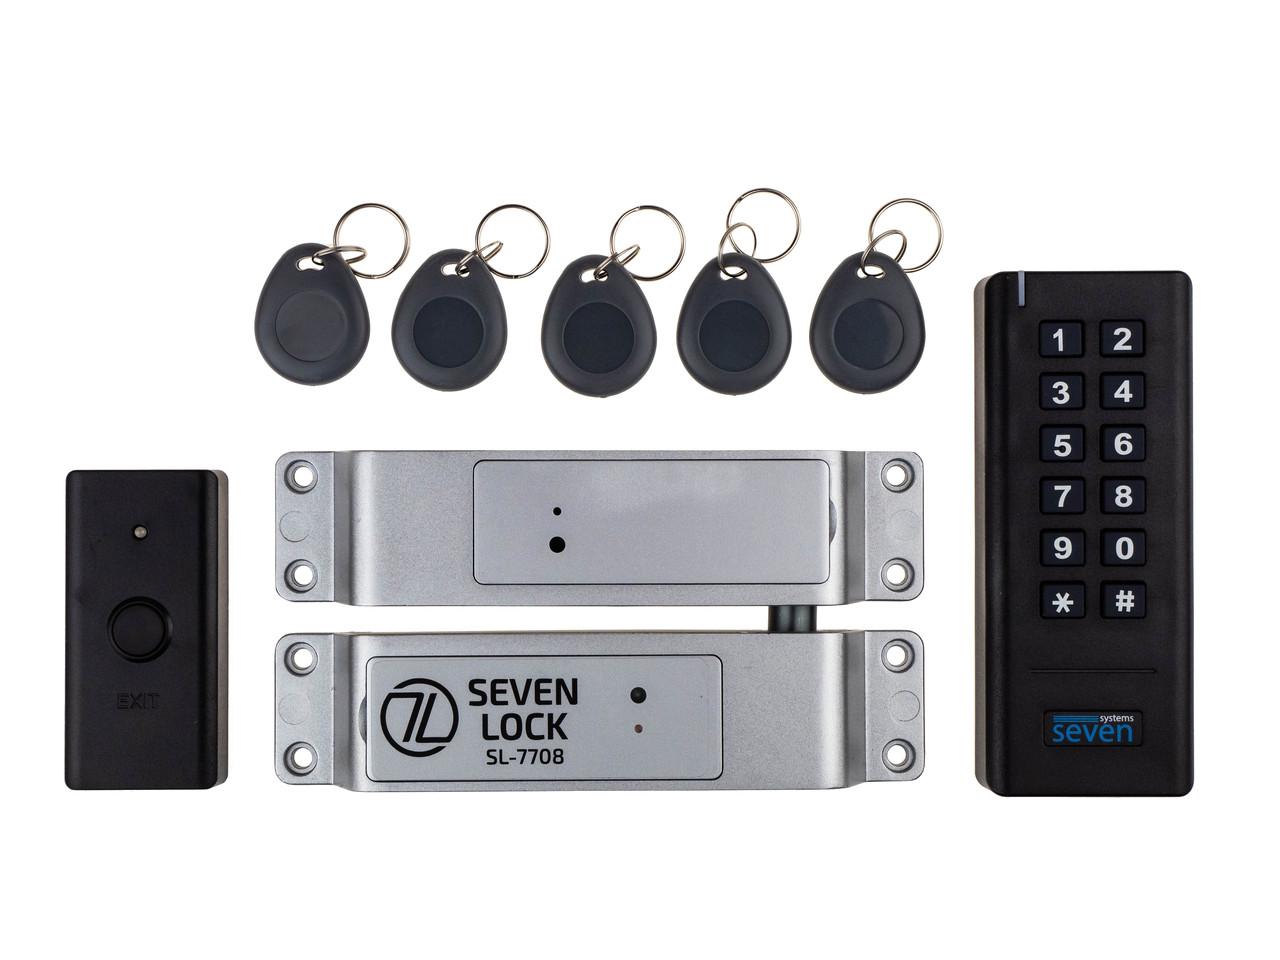 Беспроводной комплект контроля доступа SEVEN LOCK SL-7708